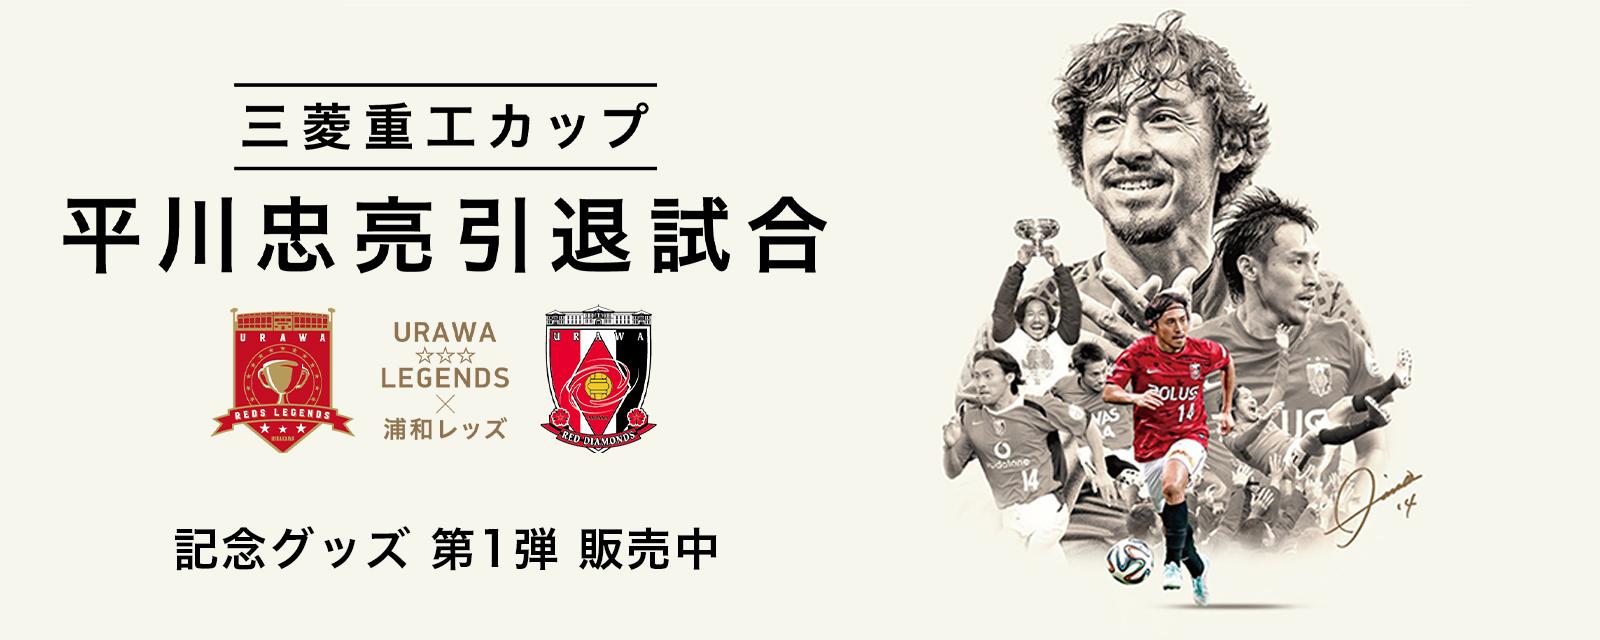 三菱重工カップ 平川忠亮引退試合記念商品 販売